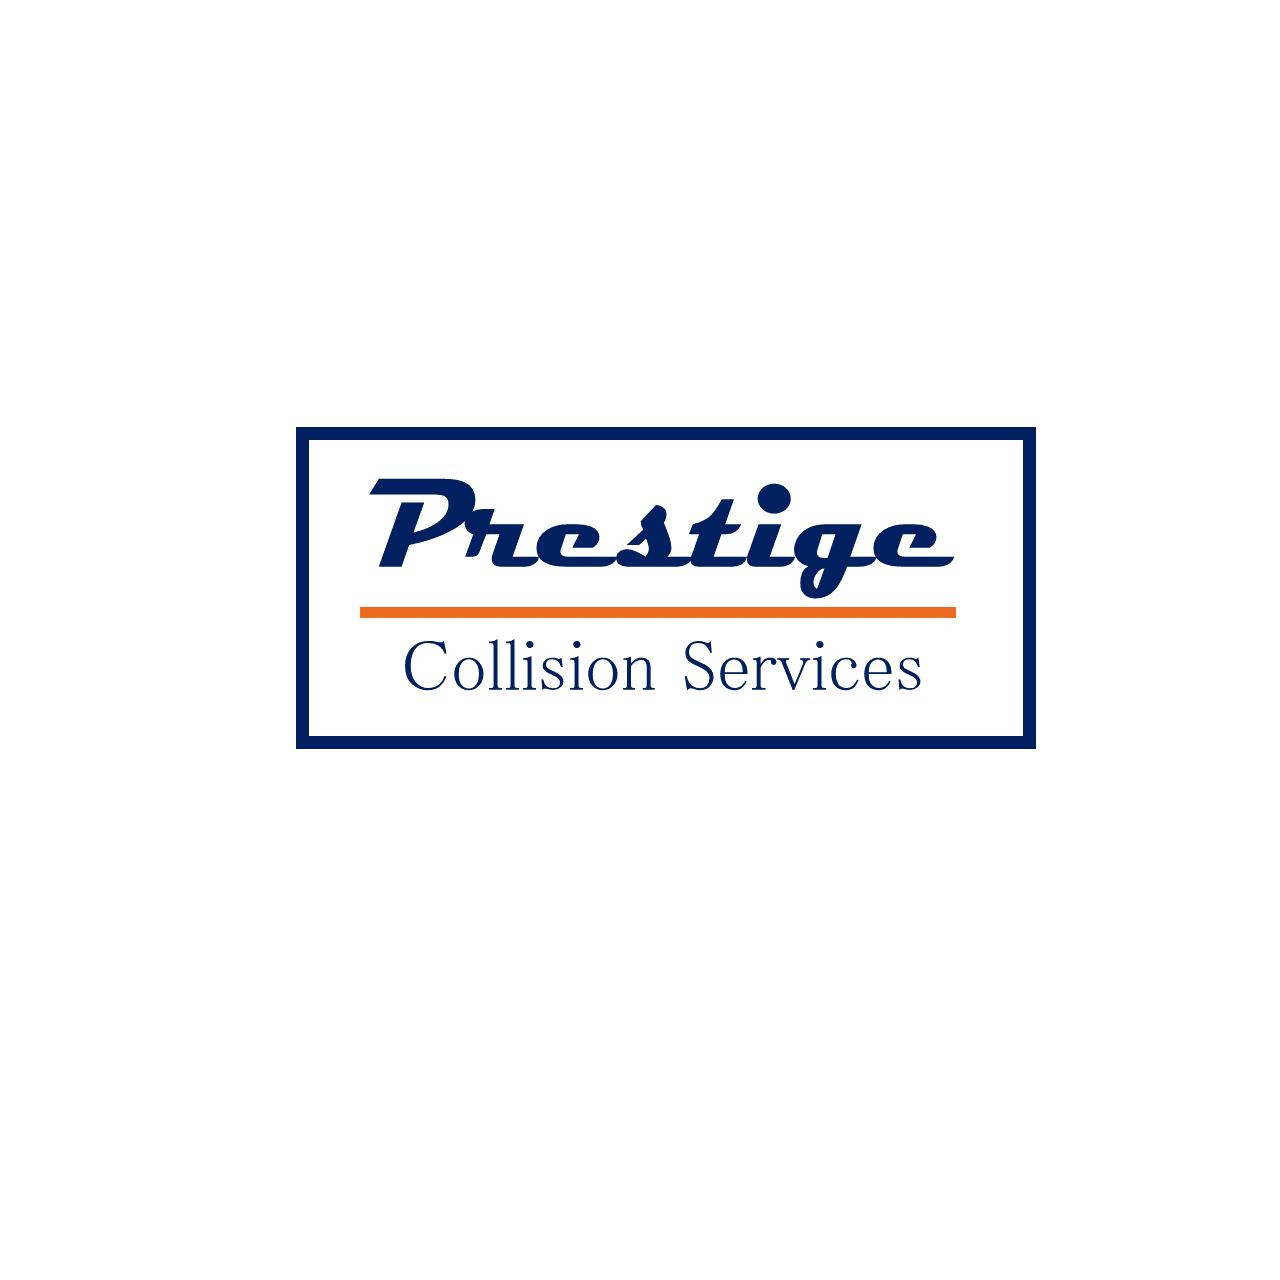 Prestige Collision Services image 0